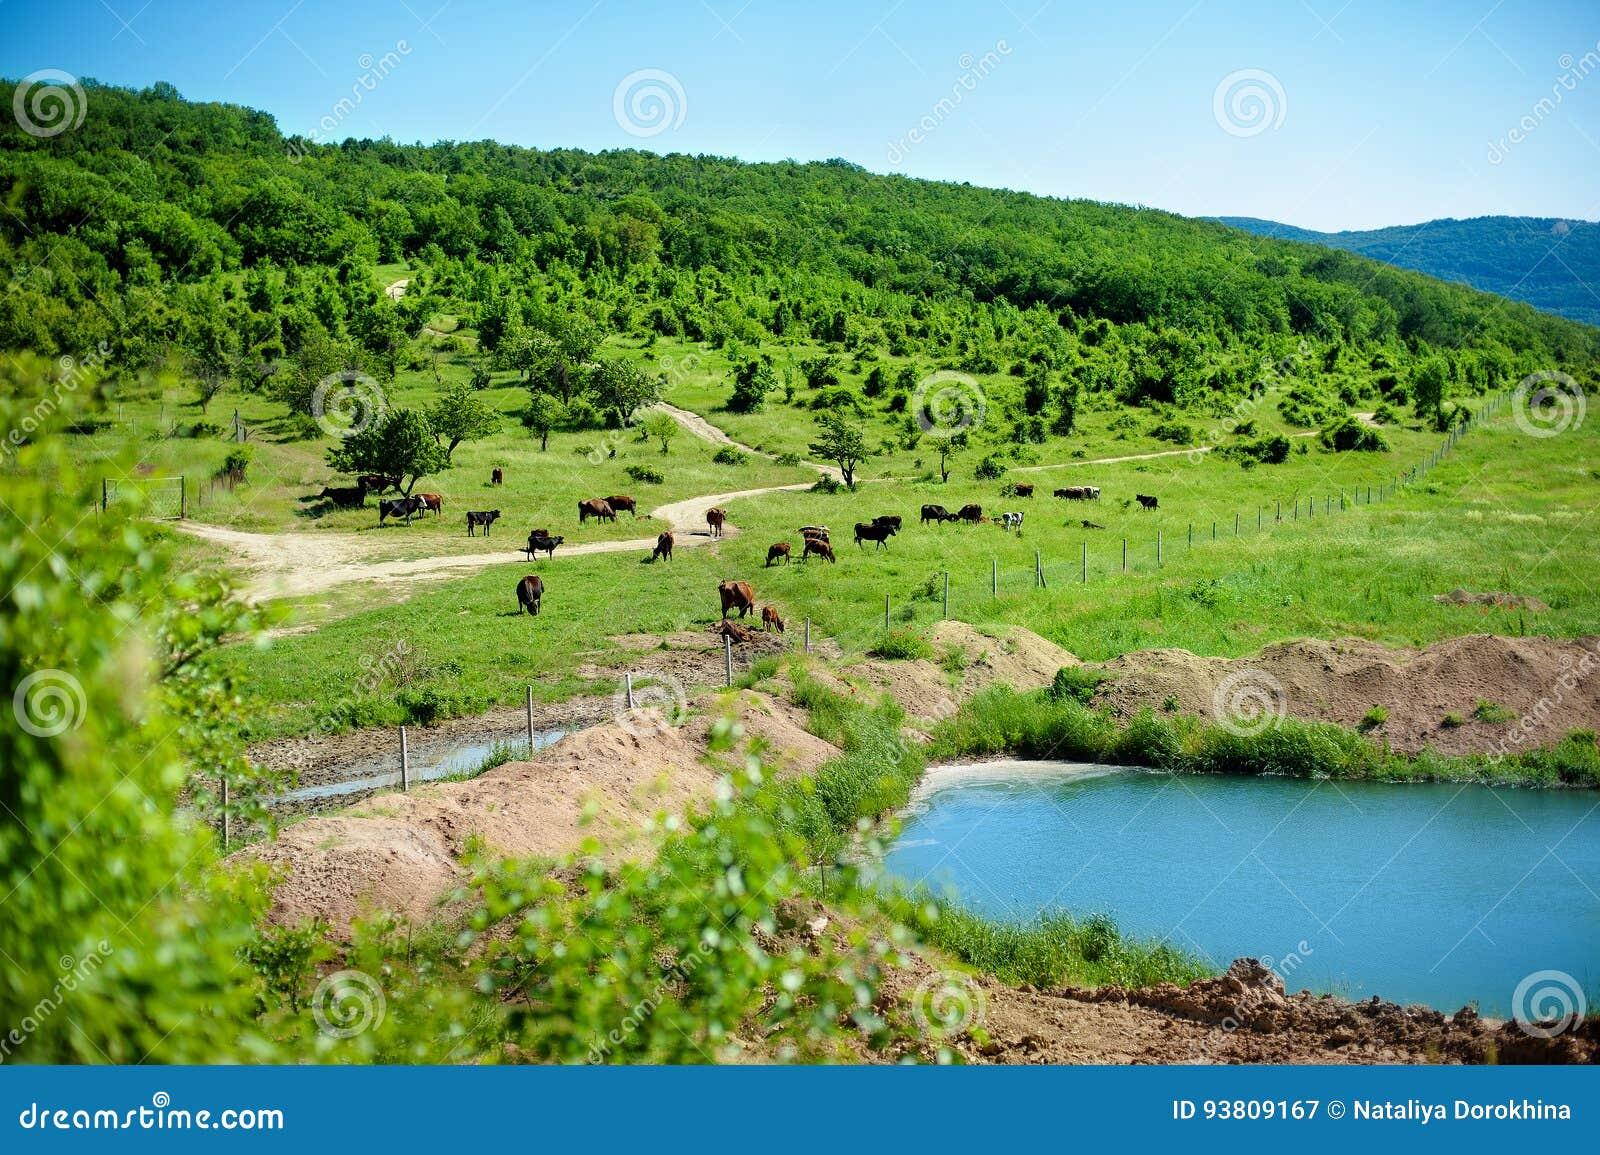 Flock av kor som betar på en grön äng nära sjön i kullarna på den soliga sommardagen Det pittoreska landskapet mejeri